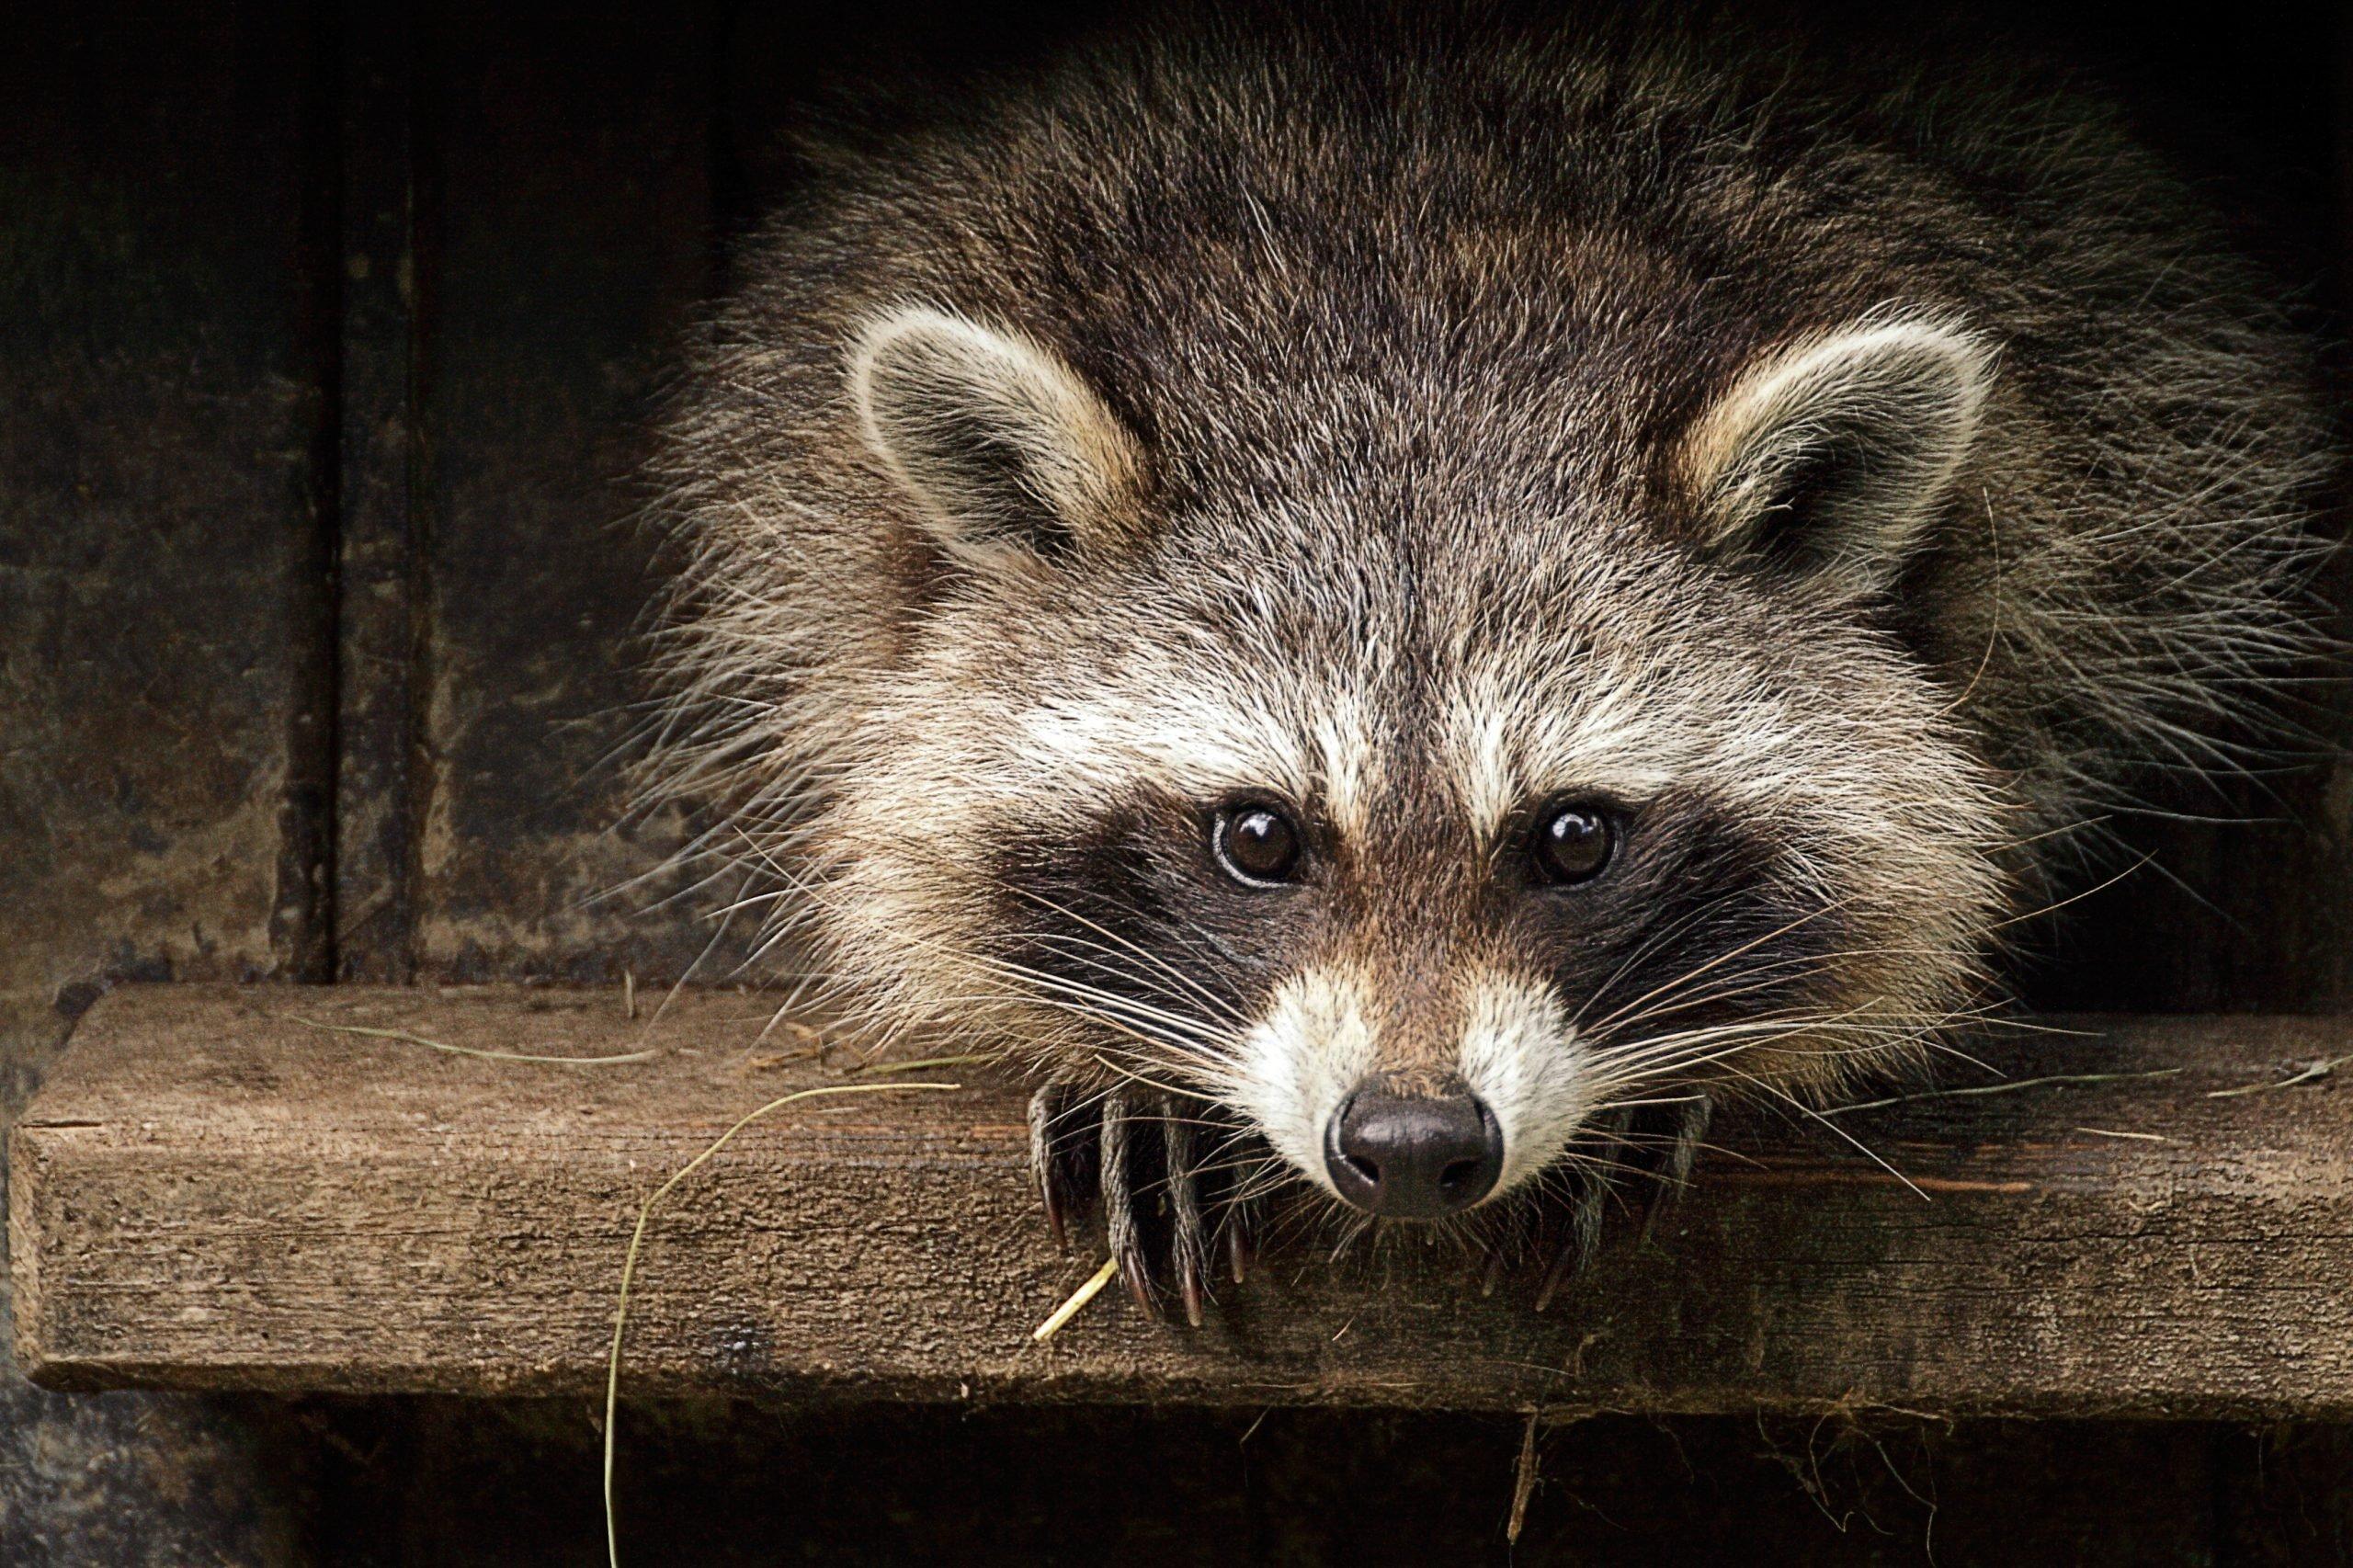 Portrait Of Raccoon On Wooden Shelf